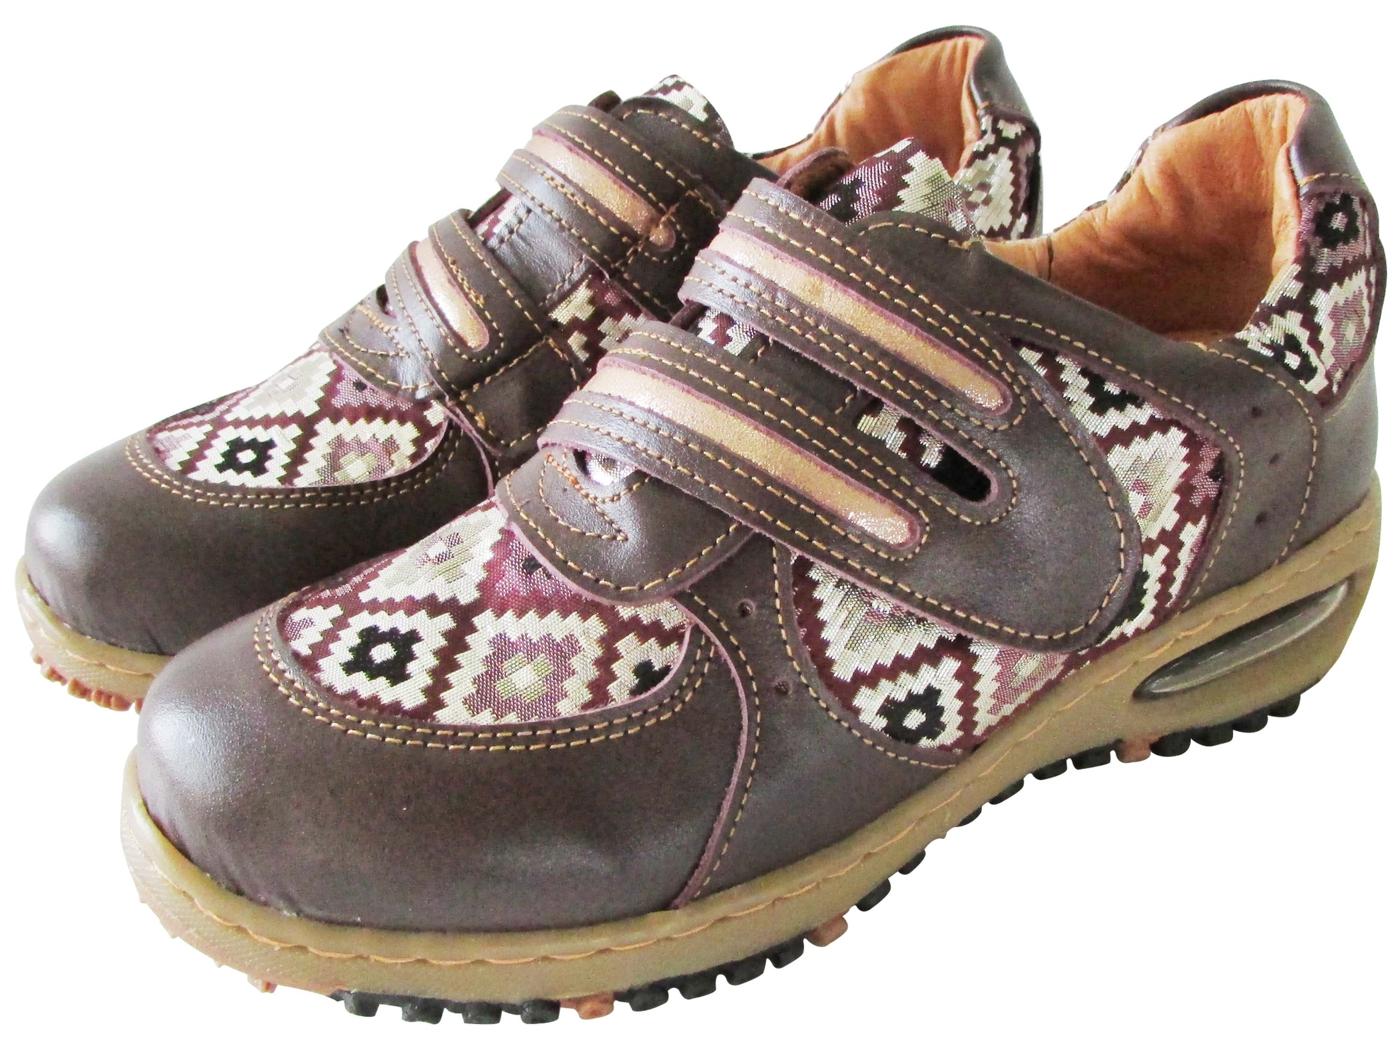 雙惠鞋櫃路豹Zobr民族風拼貼女牛皮休閒鞋台灣製造BB5706紫咖格